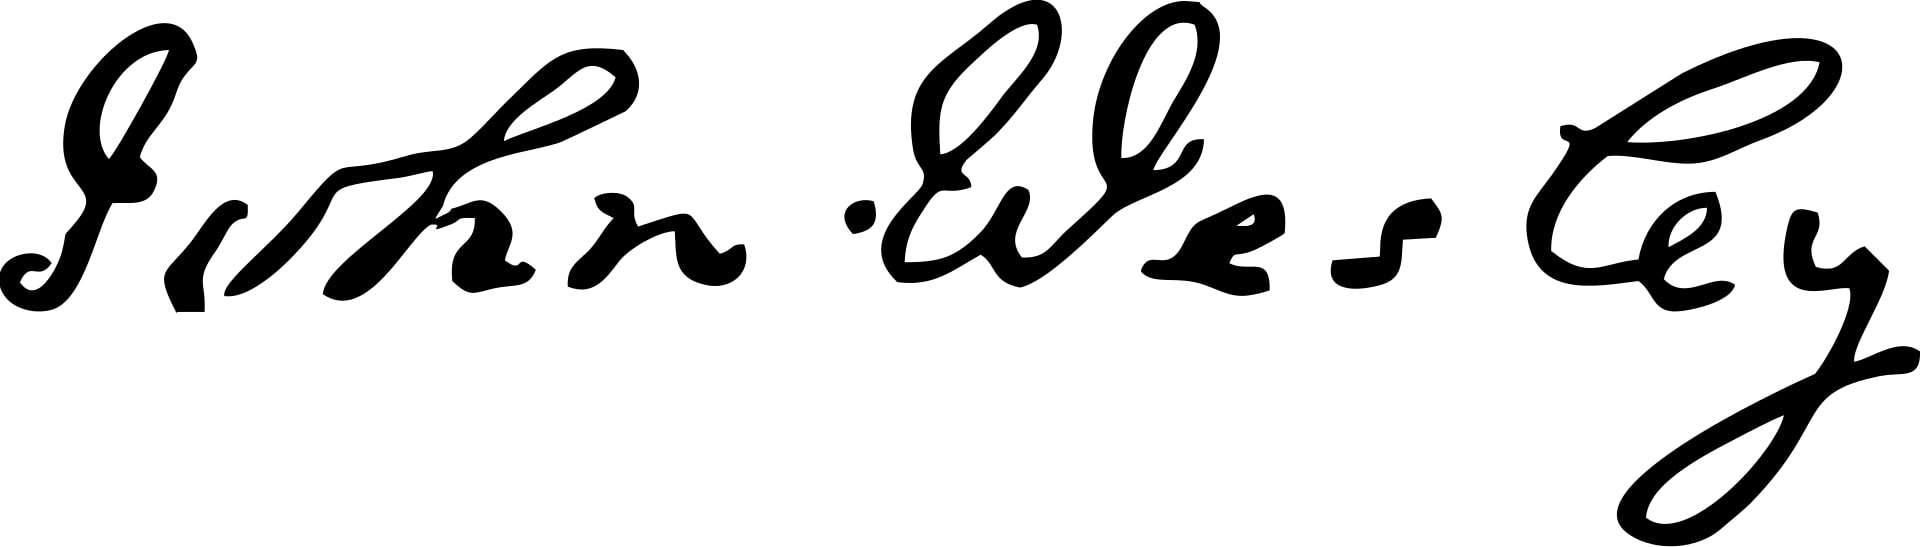 John Wesley Signature